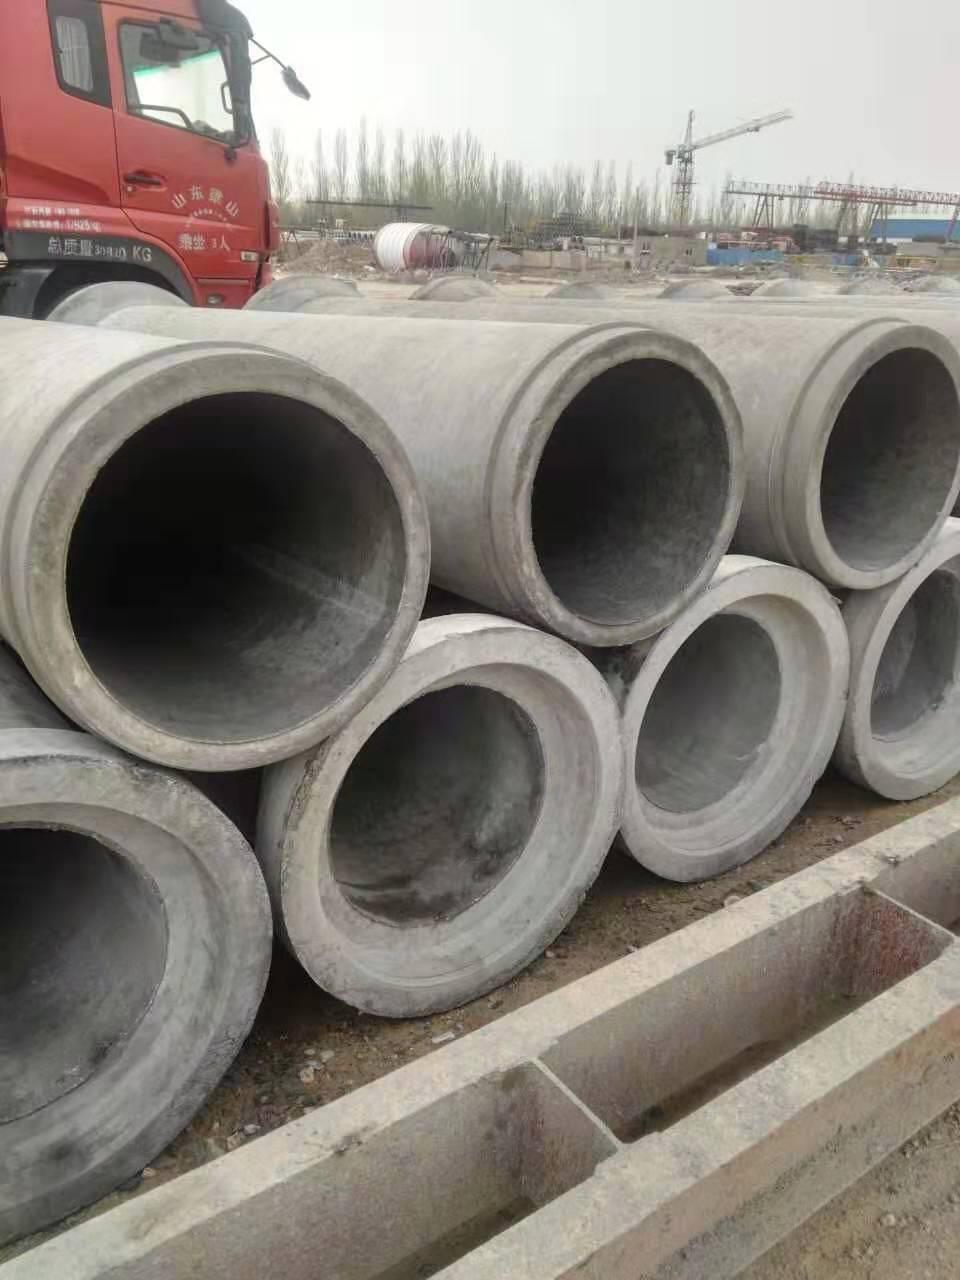 供应宁夏实惠的水泥预制管道,宁夏水泥预制管道供应